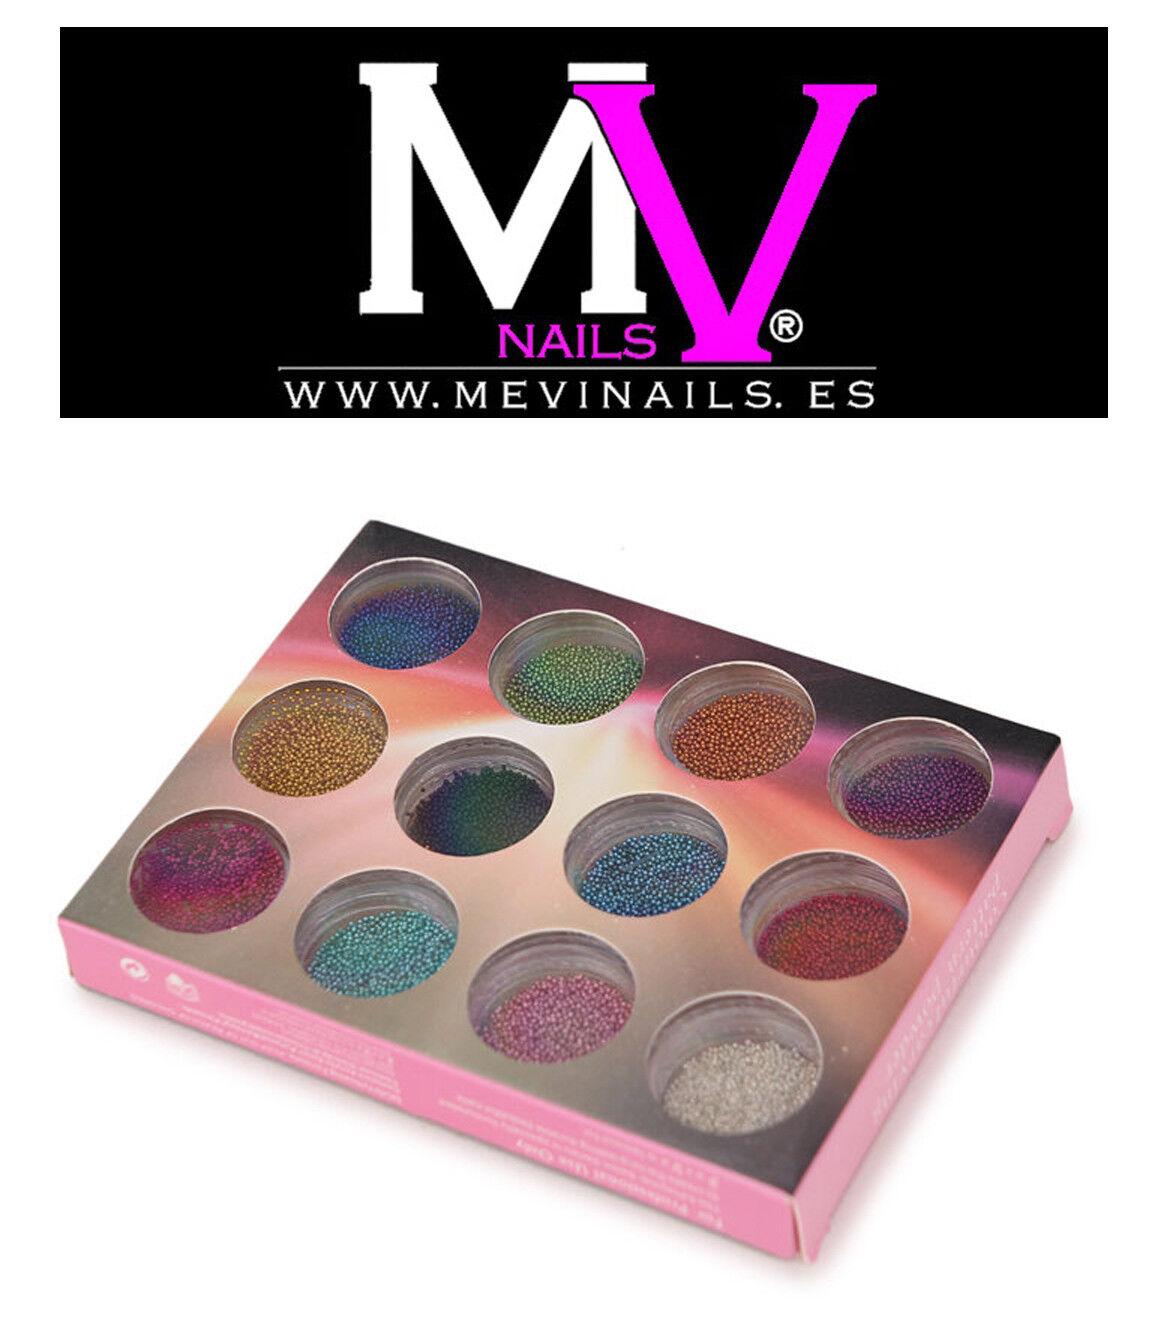 Micro Perlas de Caviar de Uñas 12 Colores Decoración nail arts 3D | eBay